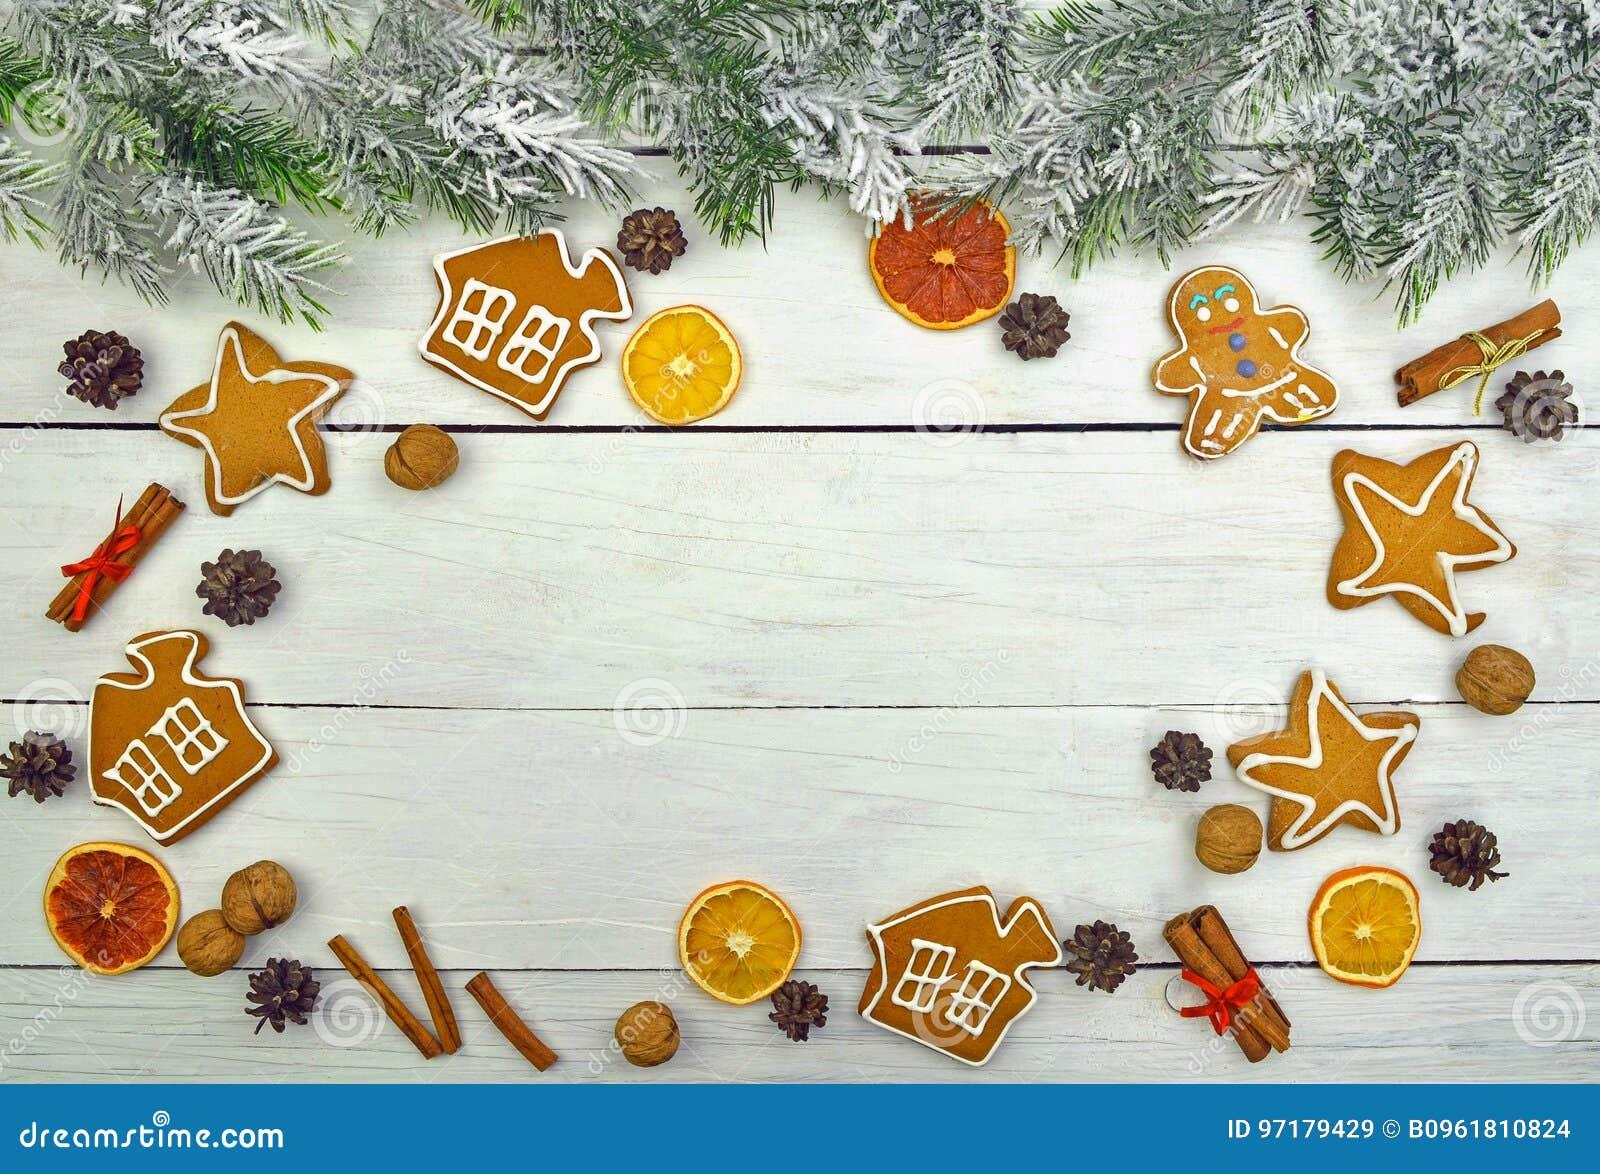 Weihnachtsbaumaste im Schnee und festliche Plätzchen mit Gewürzen